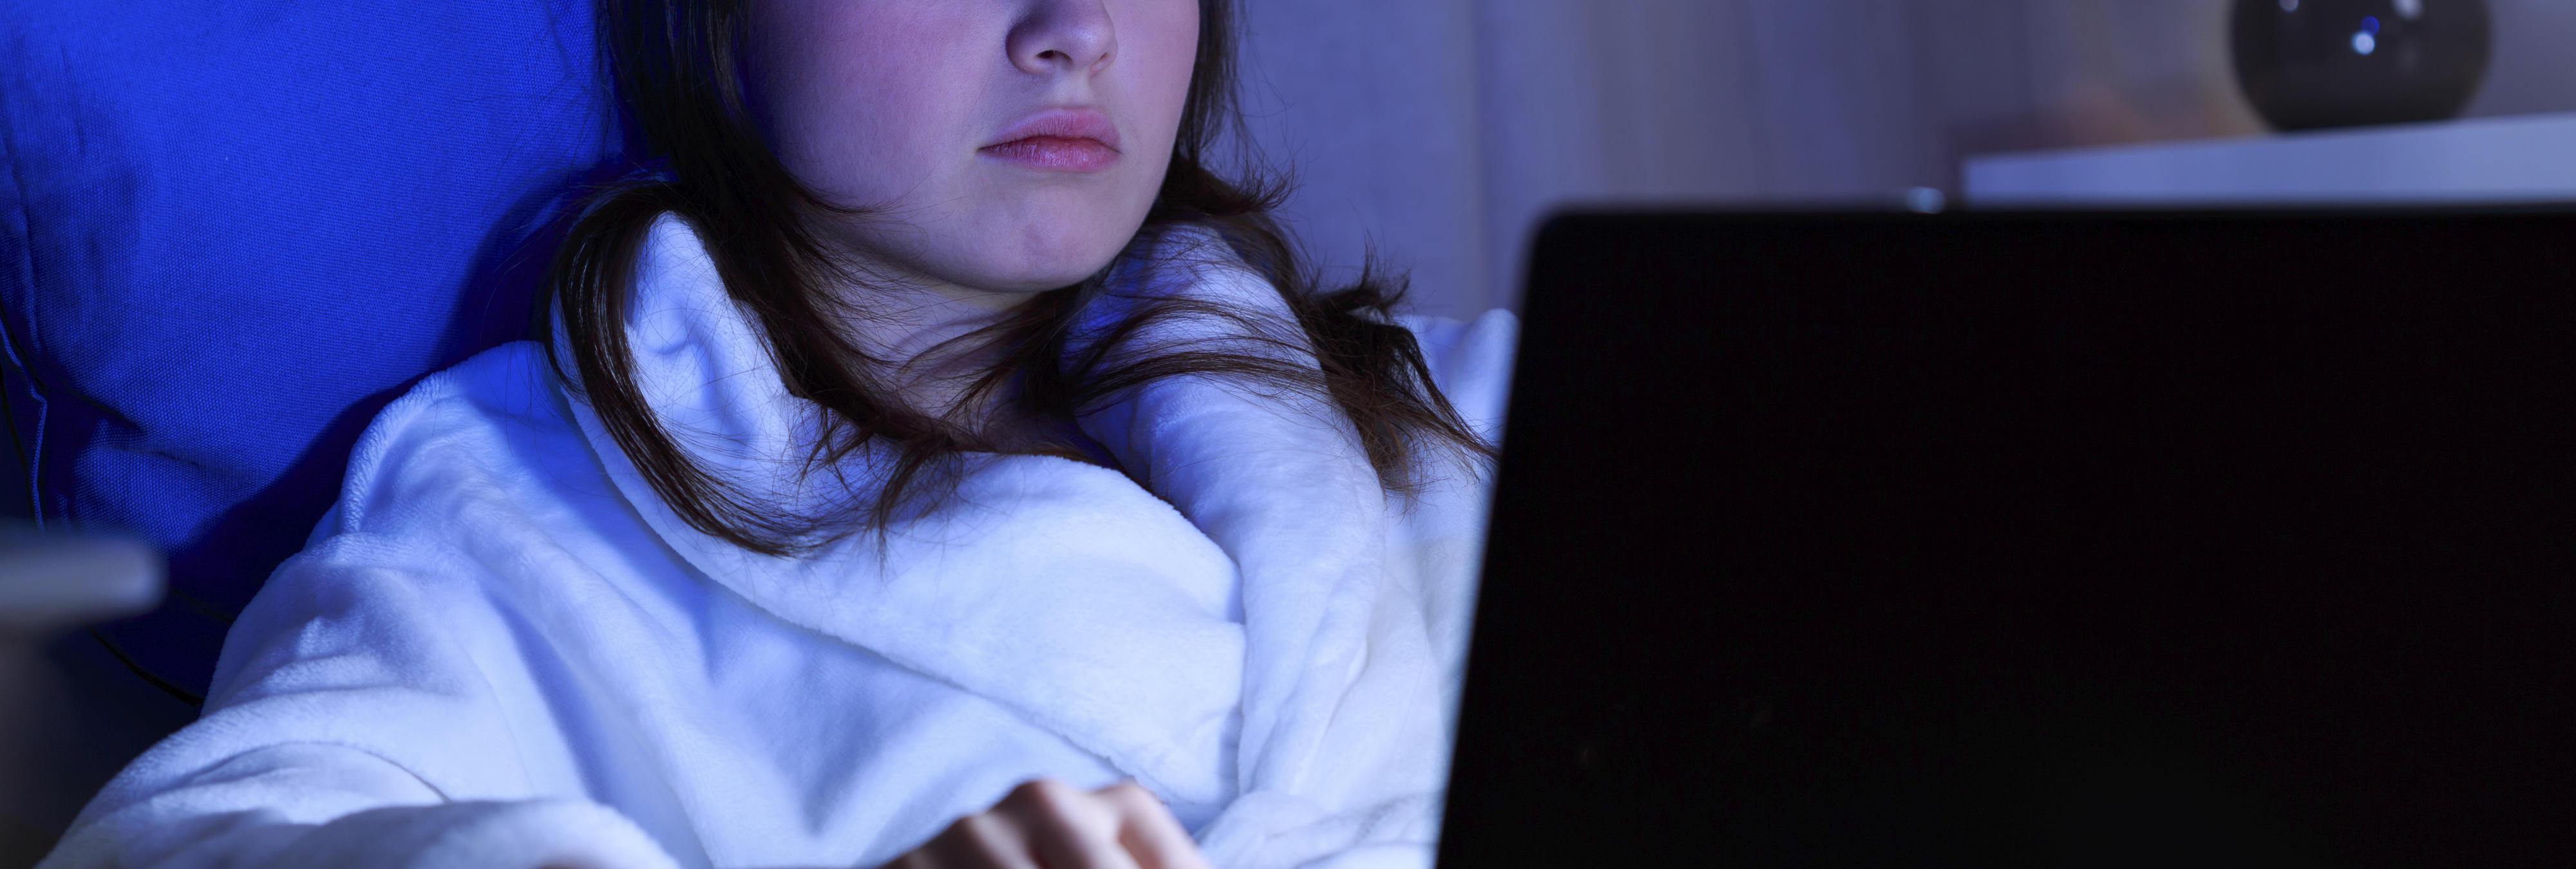 Hemos preguntado a las mujeres qué les gusta en el porno y tienen la clave del futuro de la industria